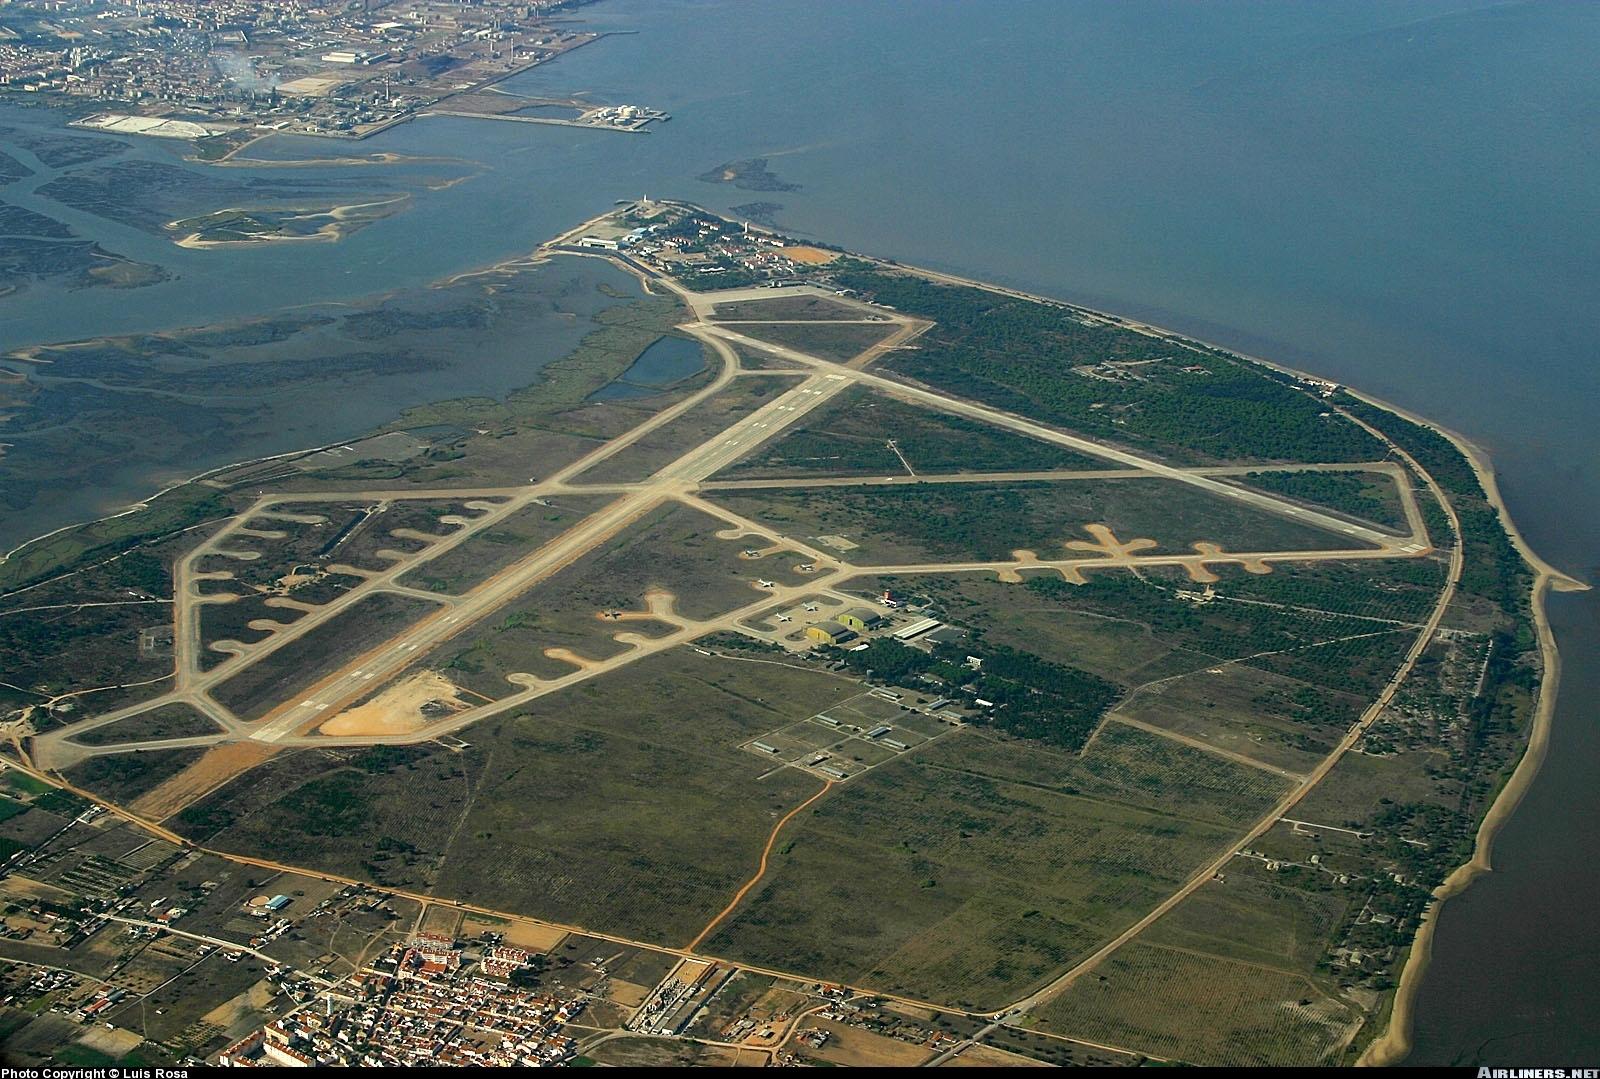 Aeroporto Do : Notícias ao minuto aeroporto do porto eleito o segundo melhor da